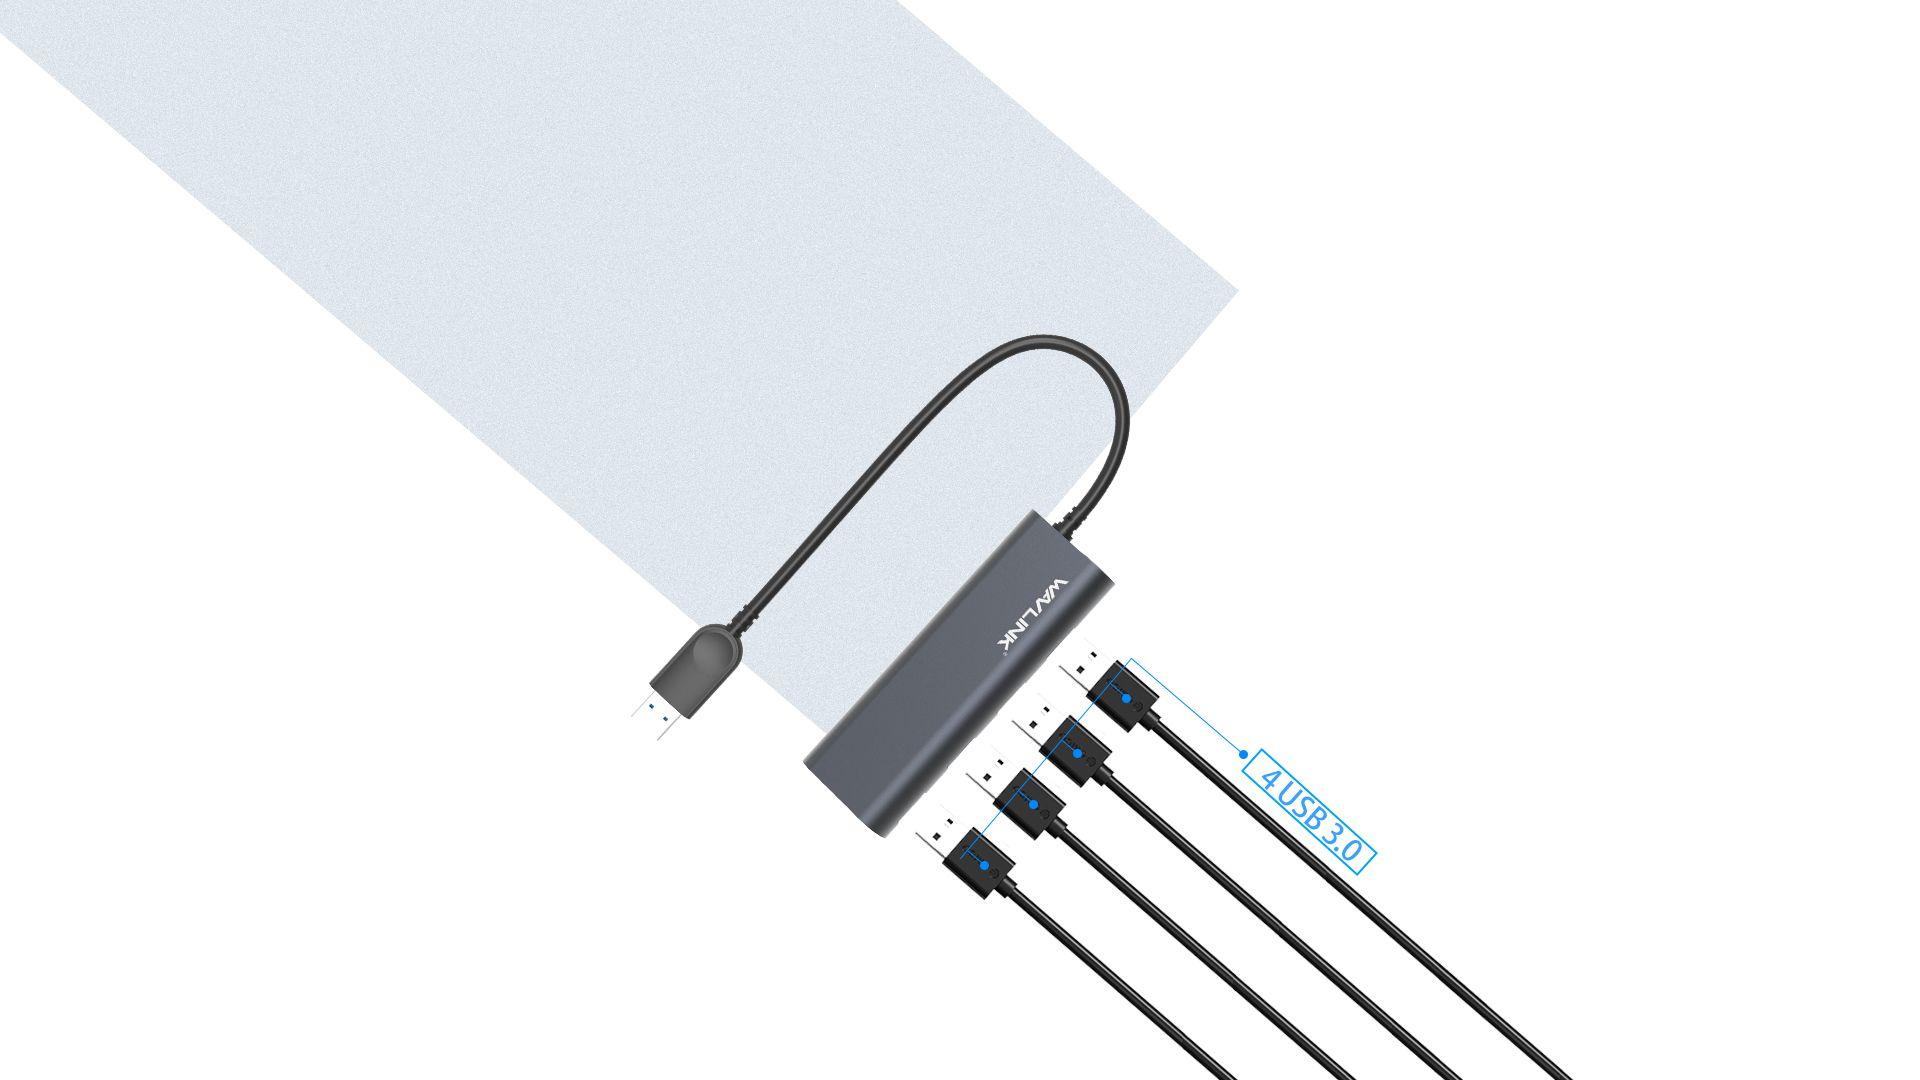 WAVLINK SUPERSPEED 4-PORT USB 3.0 ALUMINUM HUB 2 5